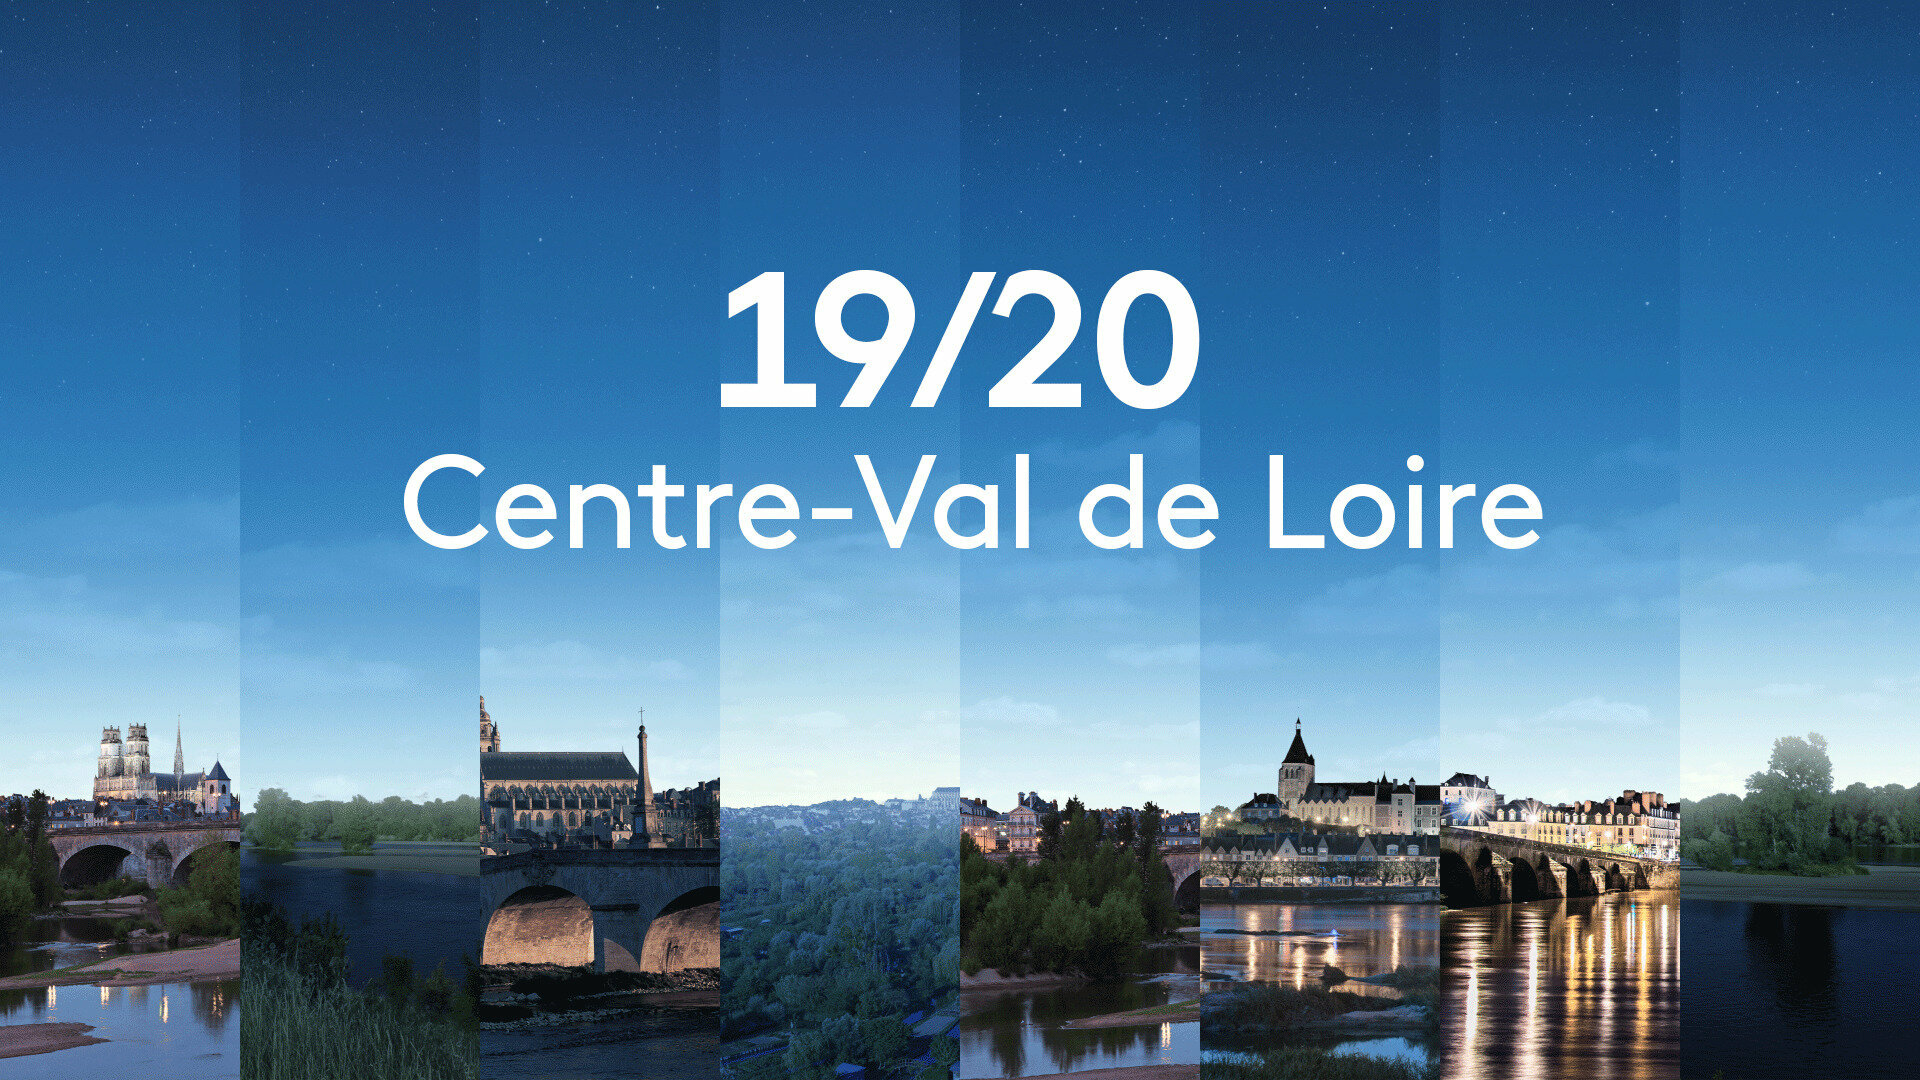 19/20 Centre-Val de Loire